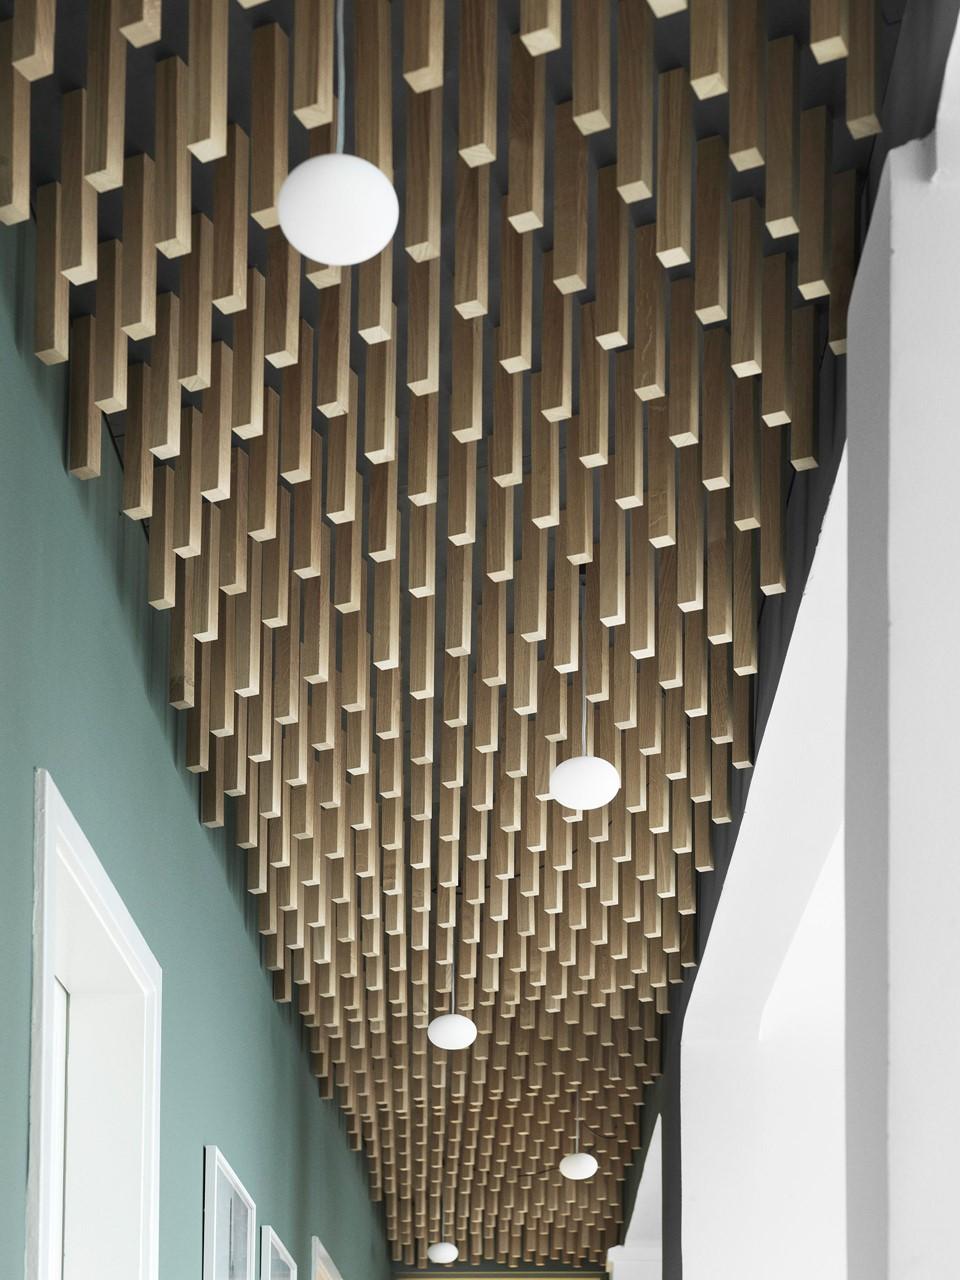 oak-graphic-ceiling_dinesen-showroom-copenhagen_dinesen.jpg